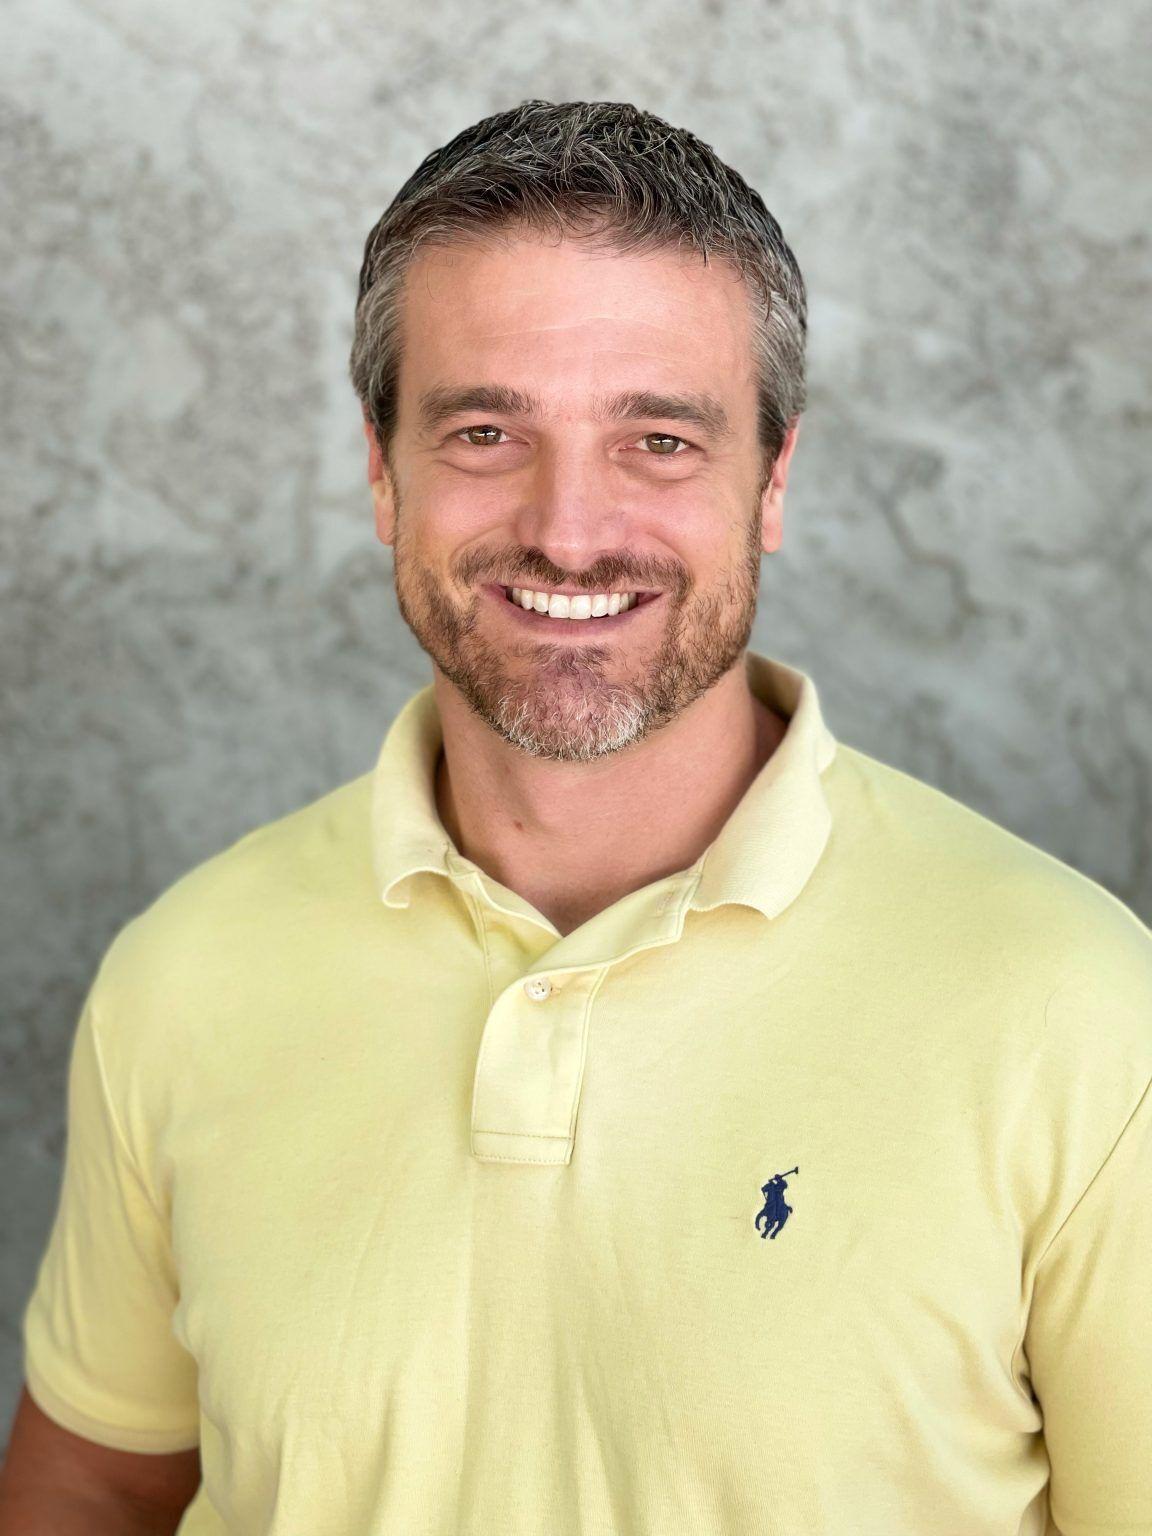 Brett Mauldin